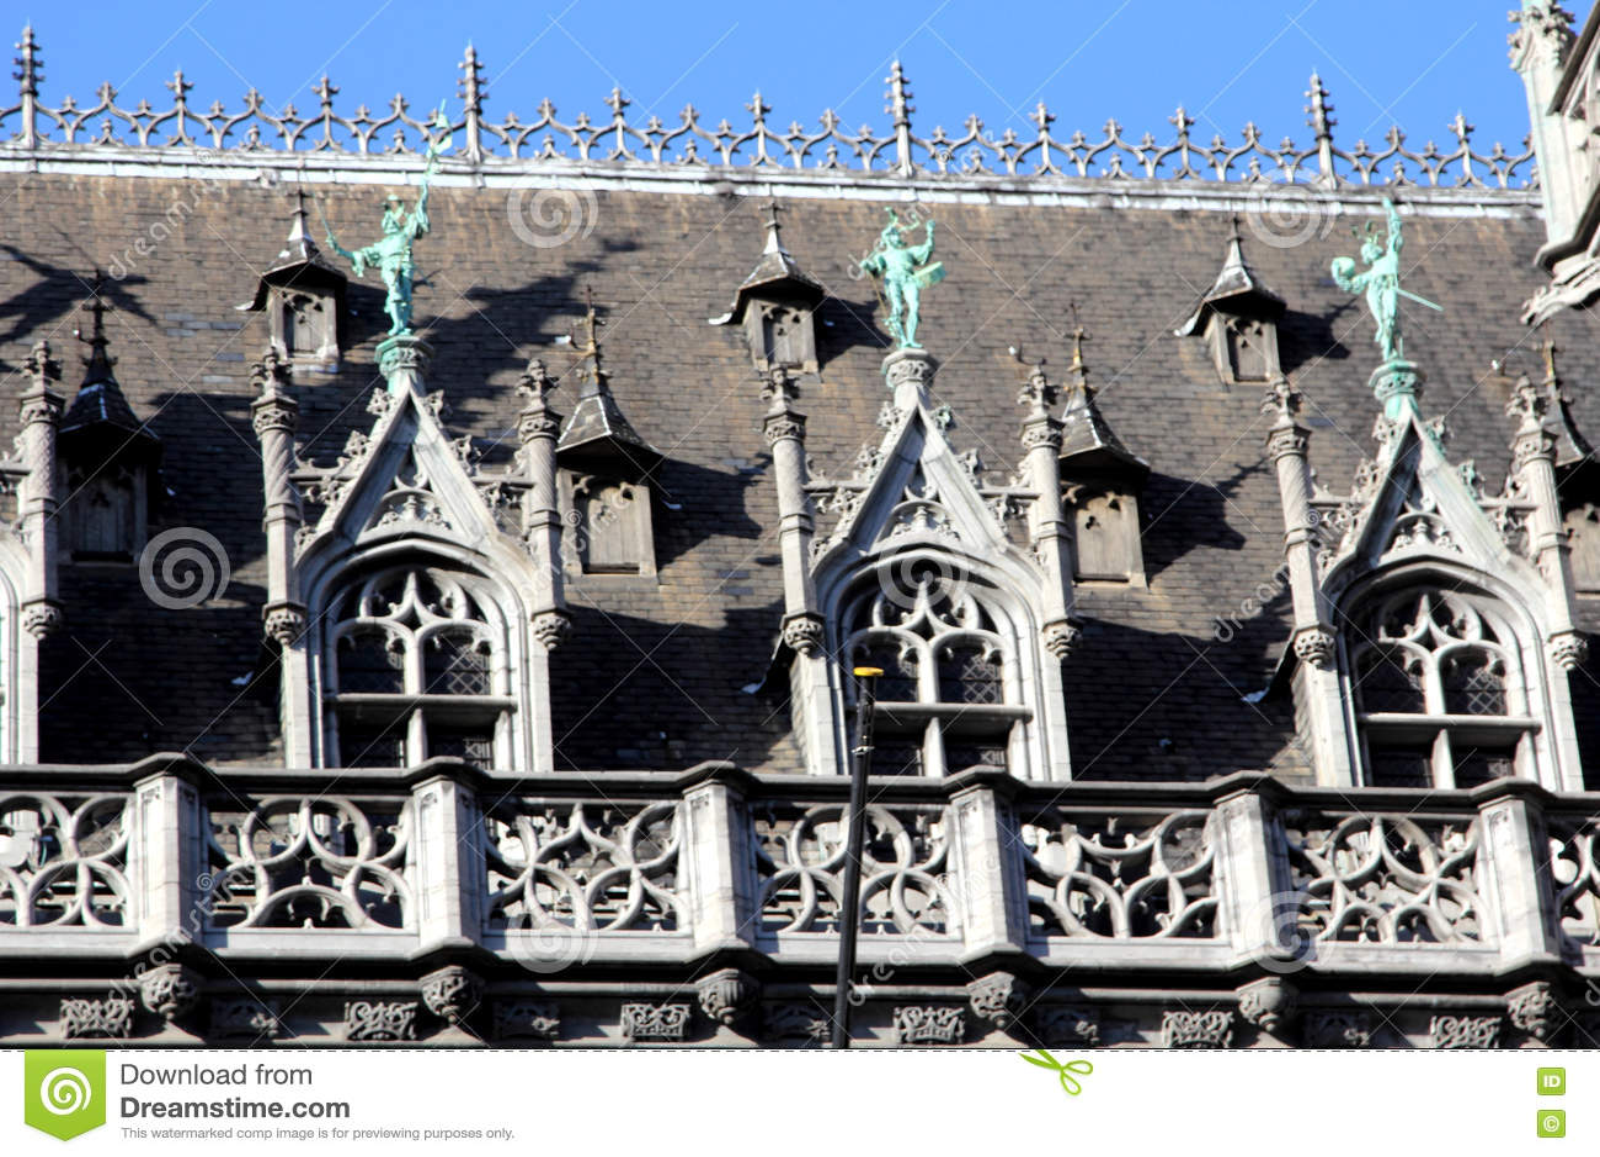 Dettaglio architettonico in Grand Place di Bruxelles